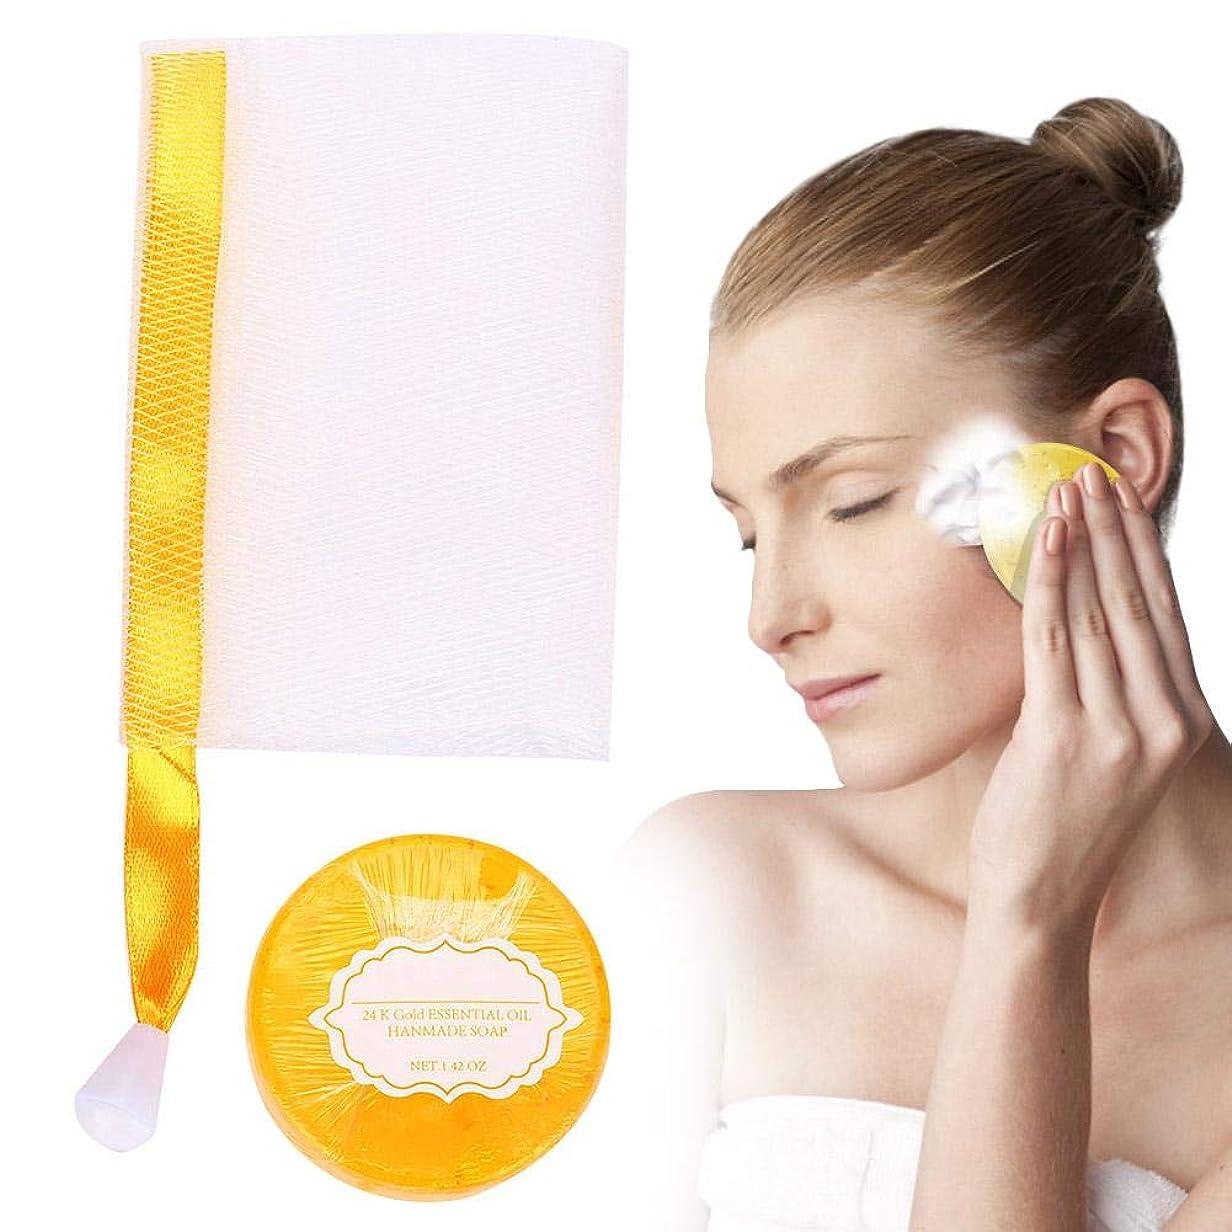 エイズ加速するビュッフェ手作り石鹸を白くする肌、きれいな顔の手のボディシェーブのための活性化石鹸を明るくする多機能の海藻肌